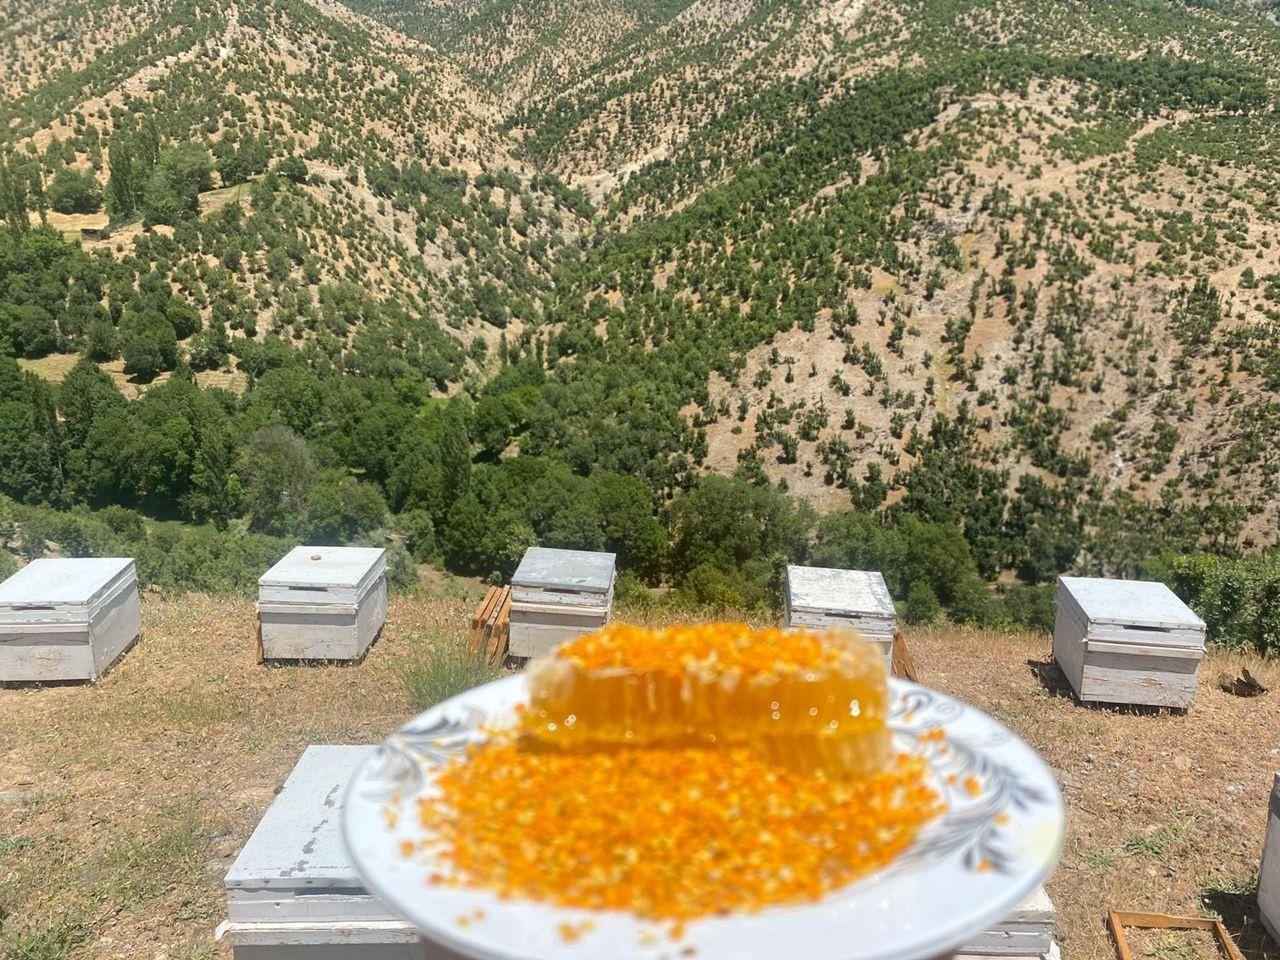 Siirt'te köylülerin yeni gelir kaynağı olan polen hasadına başlandı - Sayfa 2